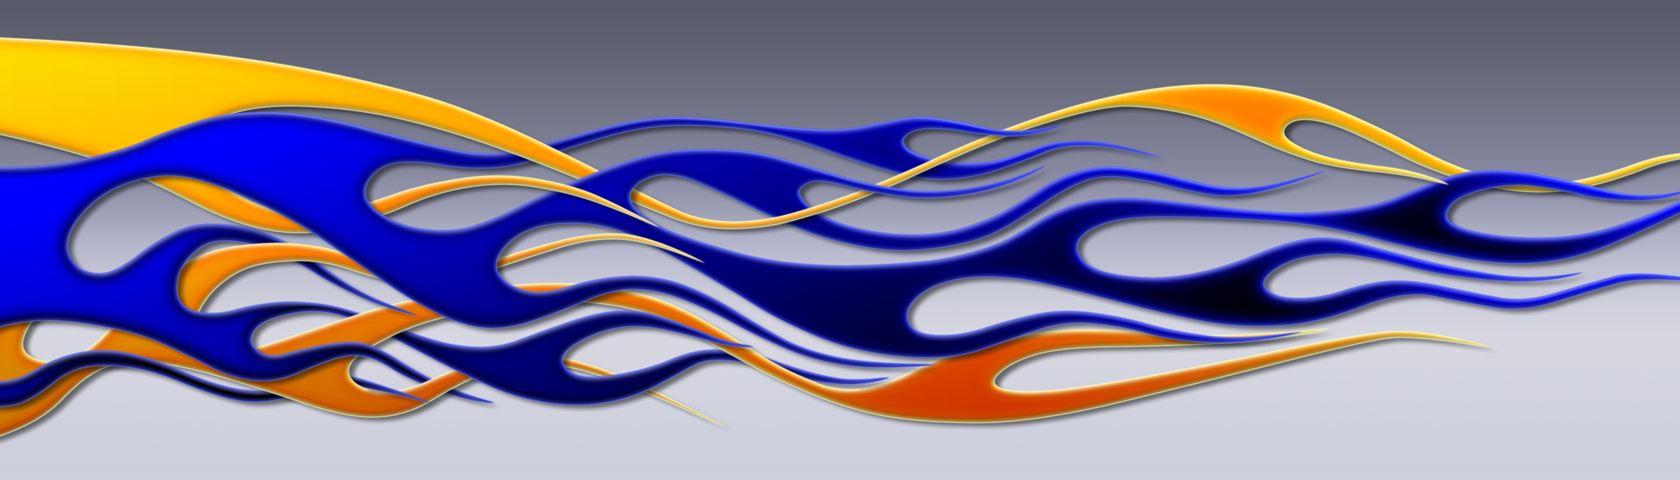 Flames - Multi Color Weave